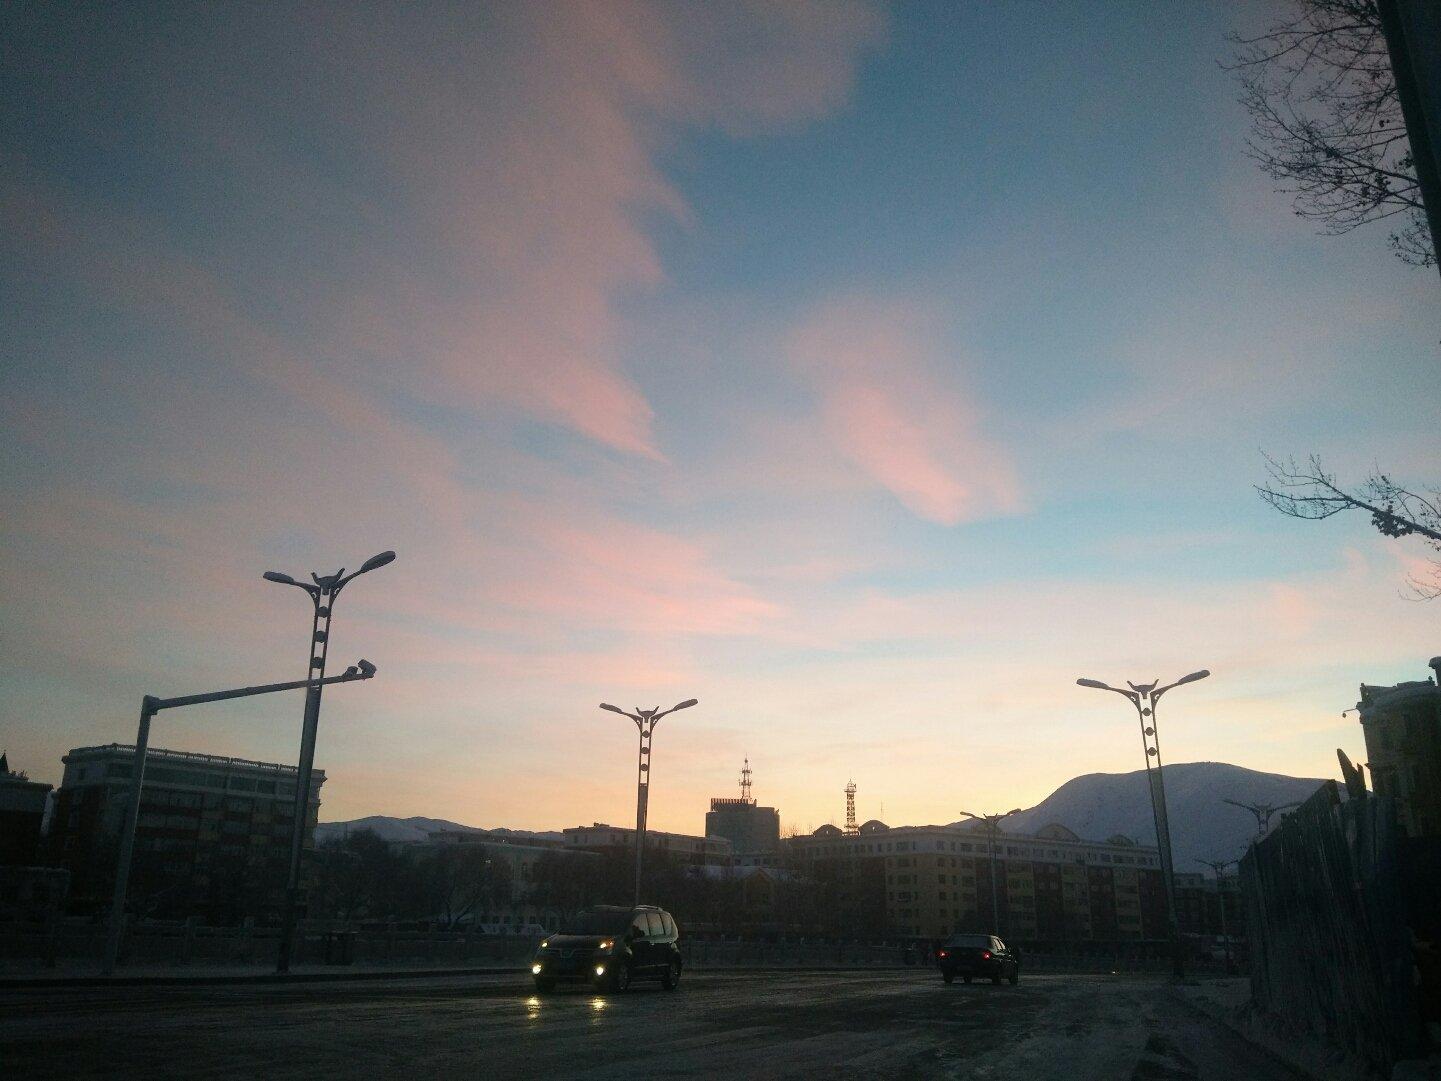 新疆维吾尔自治区阿勒泰地区阿勒泰市公园路靠近阿勒泰市环境卫生管理队天气预报